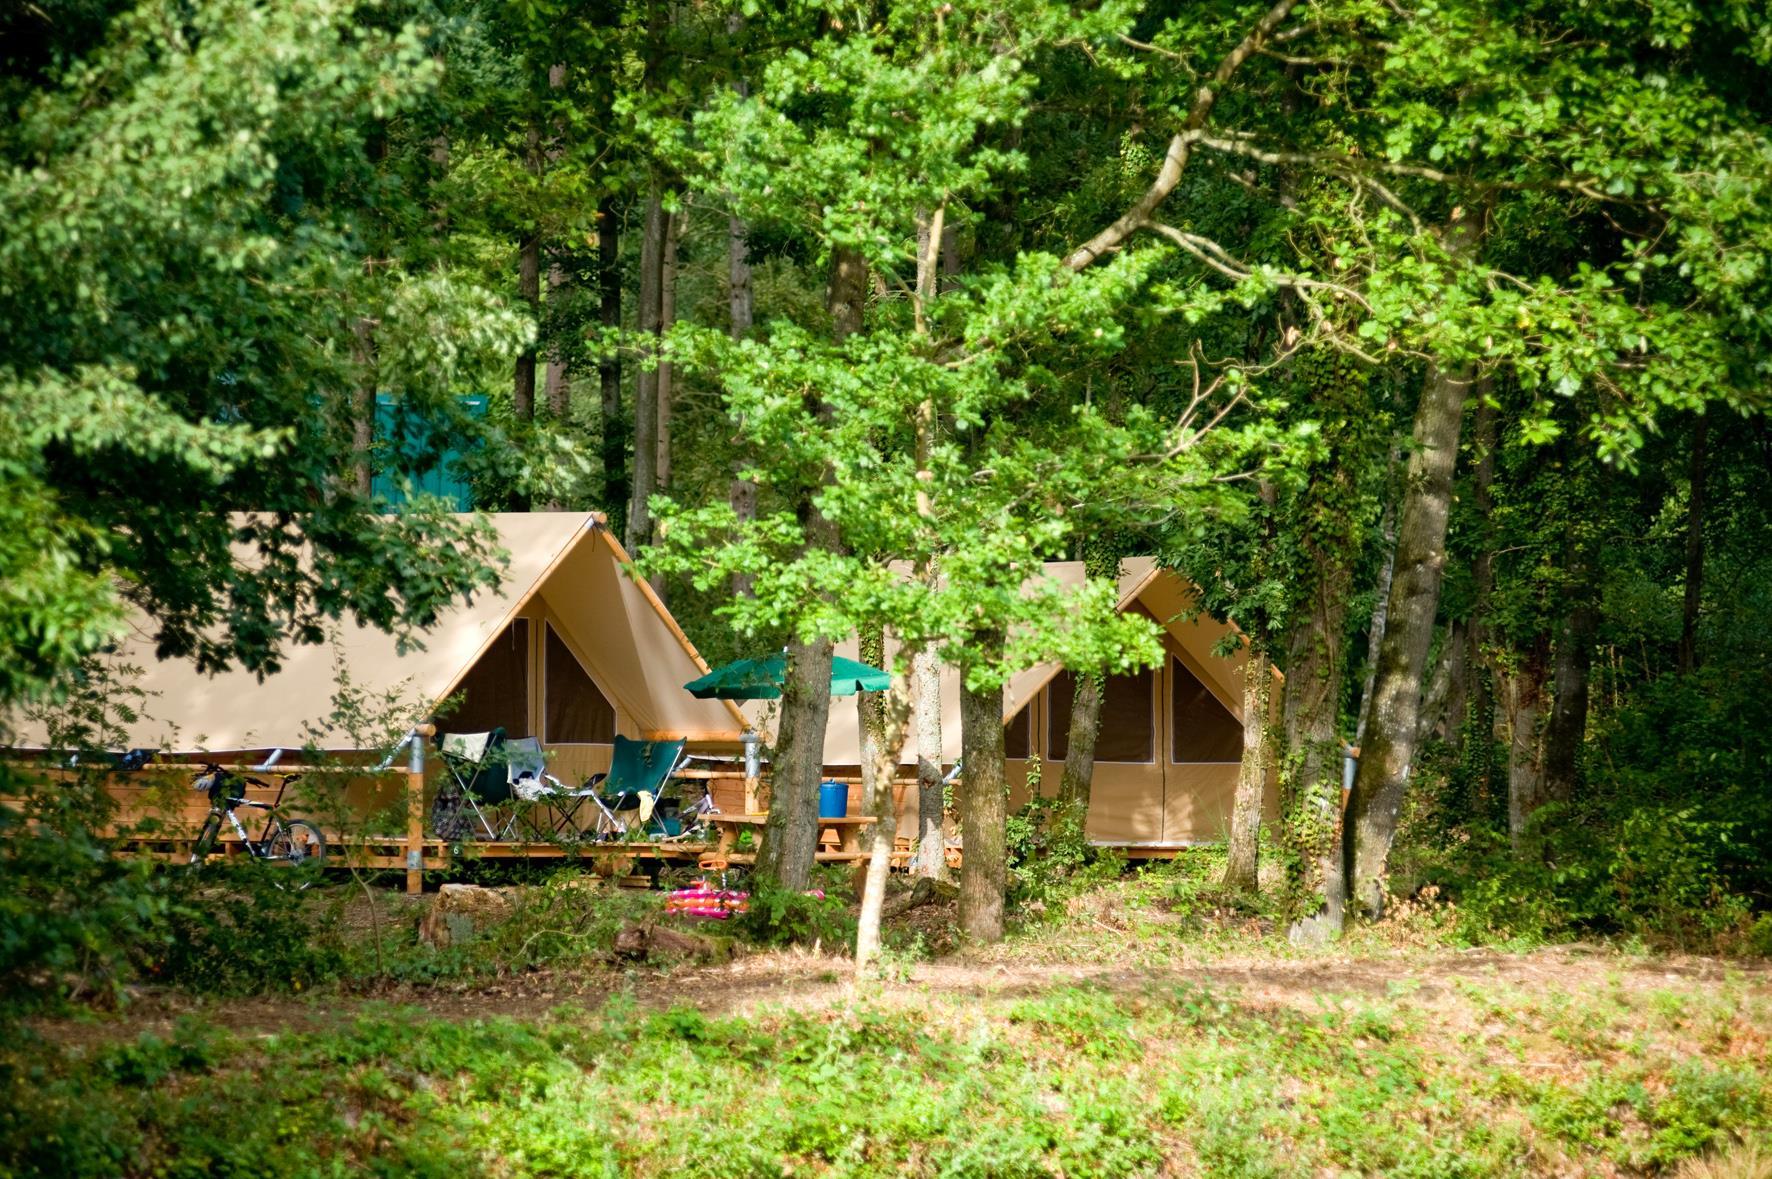 Camping Huttopia Senonches, Senonches, Eure-et-Loir